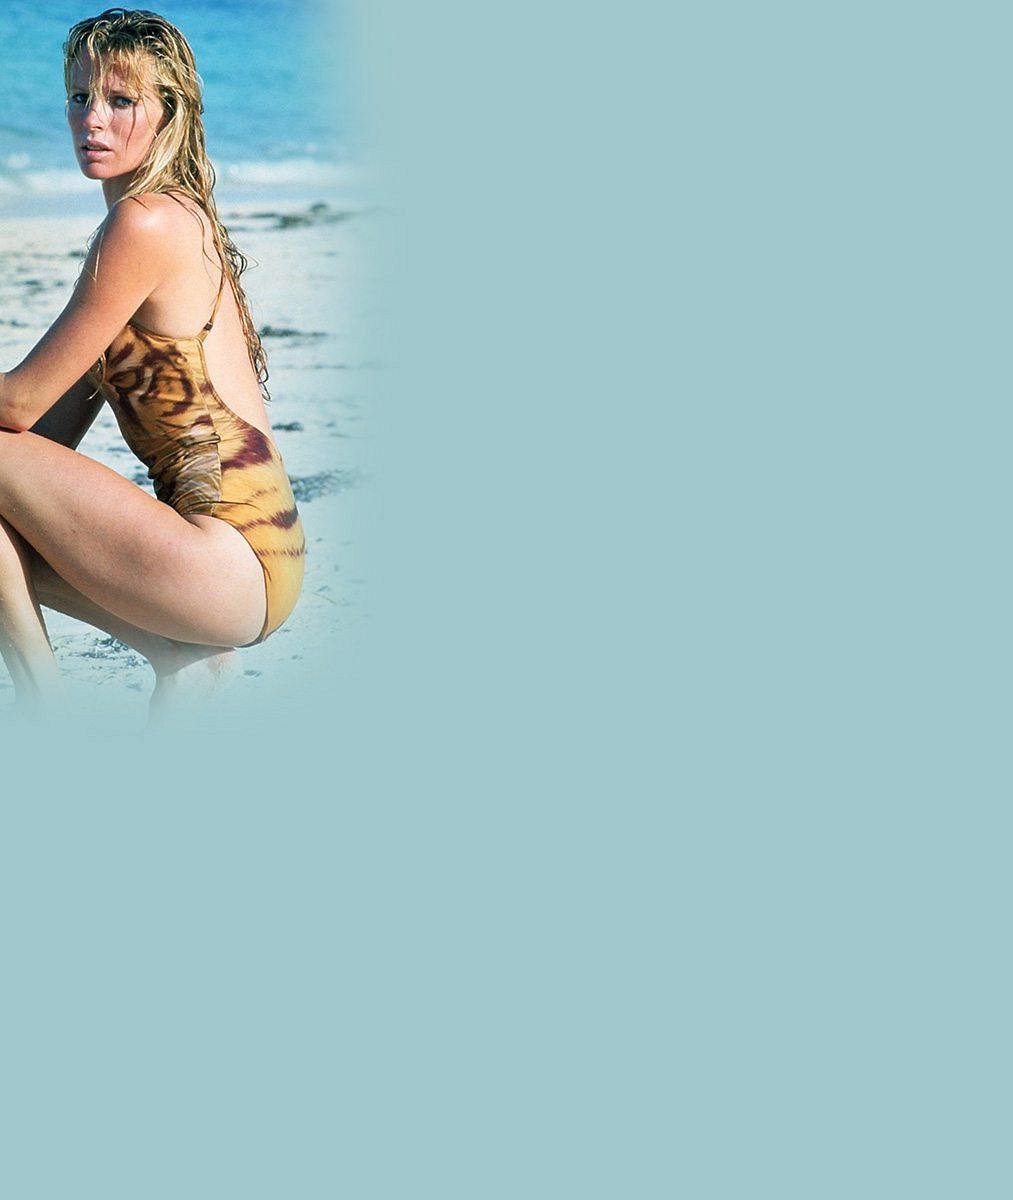 Kim Basinger je kost i ve třiašedesáti: Figuru si udržuje díky fešnému partnerovi, svému kadeřníkovi